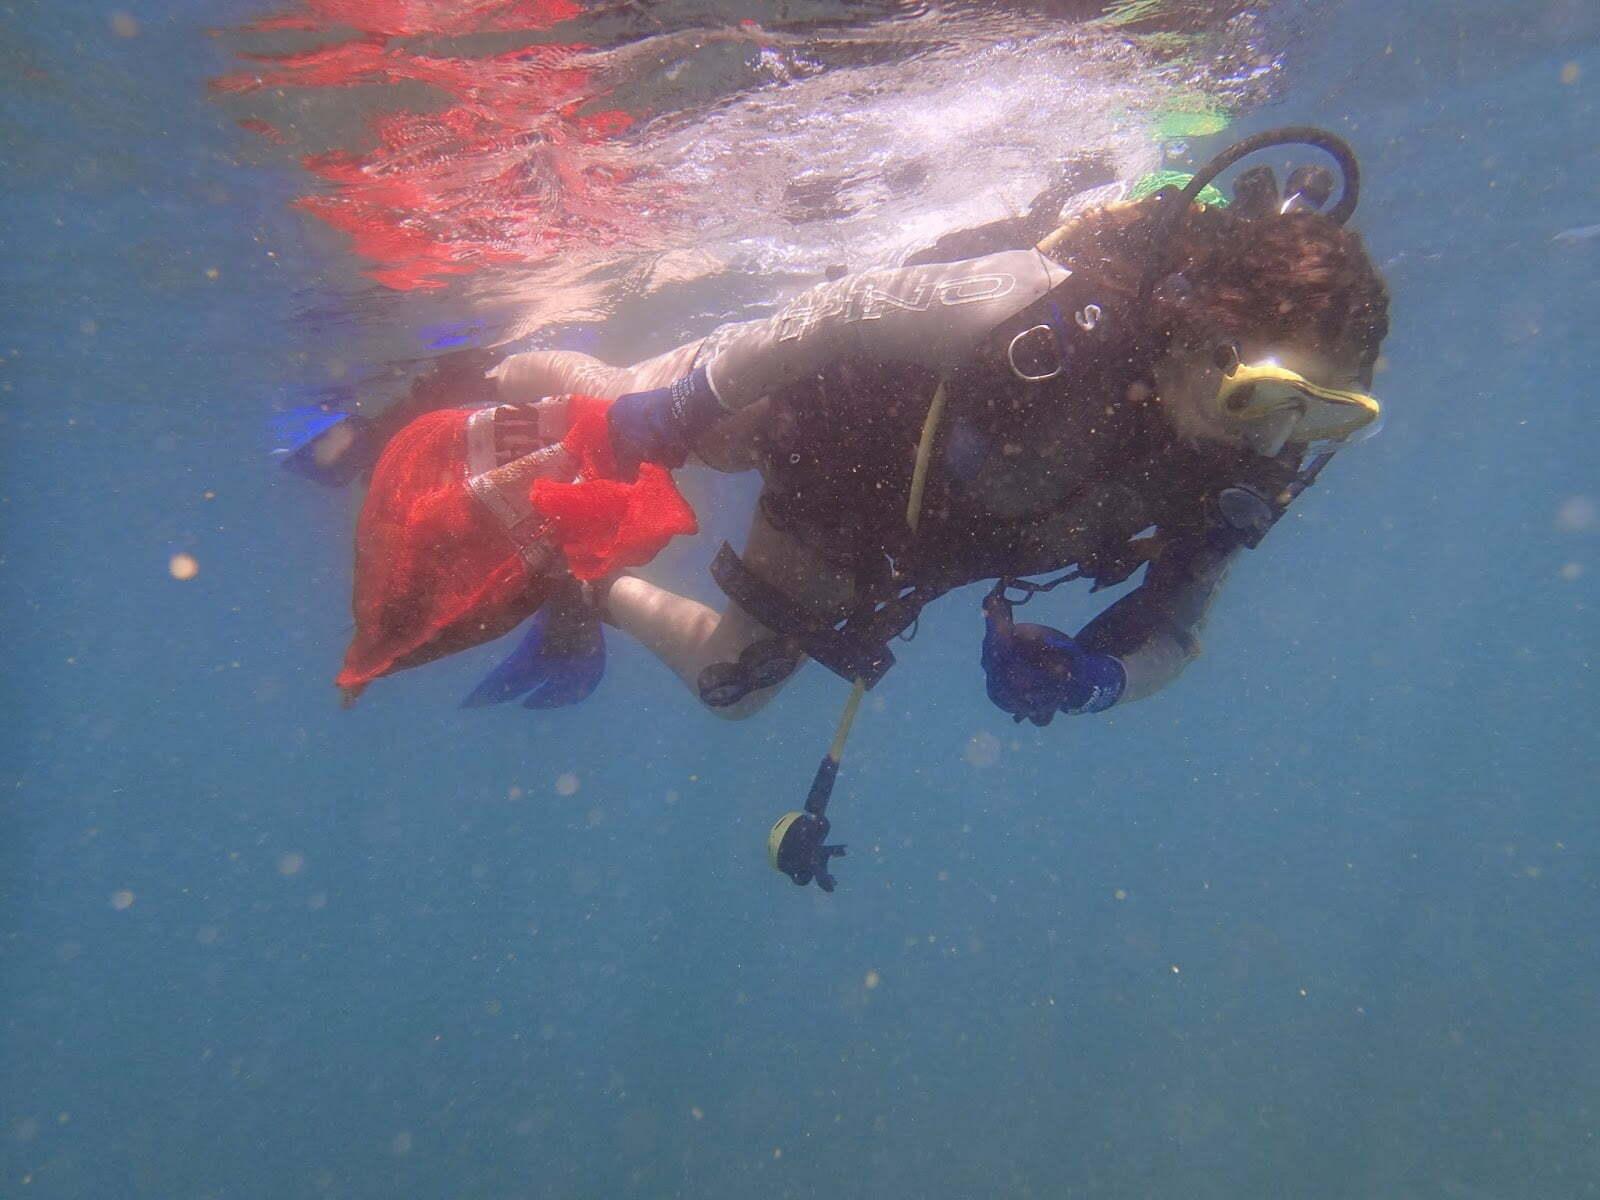 lixo do mar em Salvador, imagem de mergulhador com lixo marinho